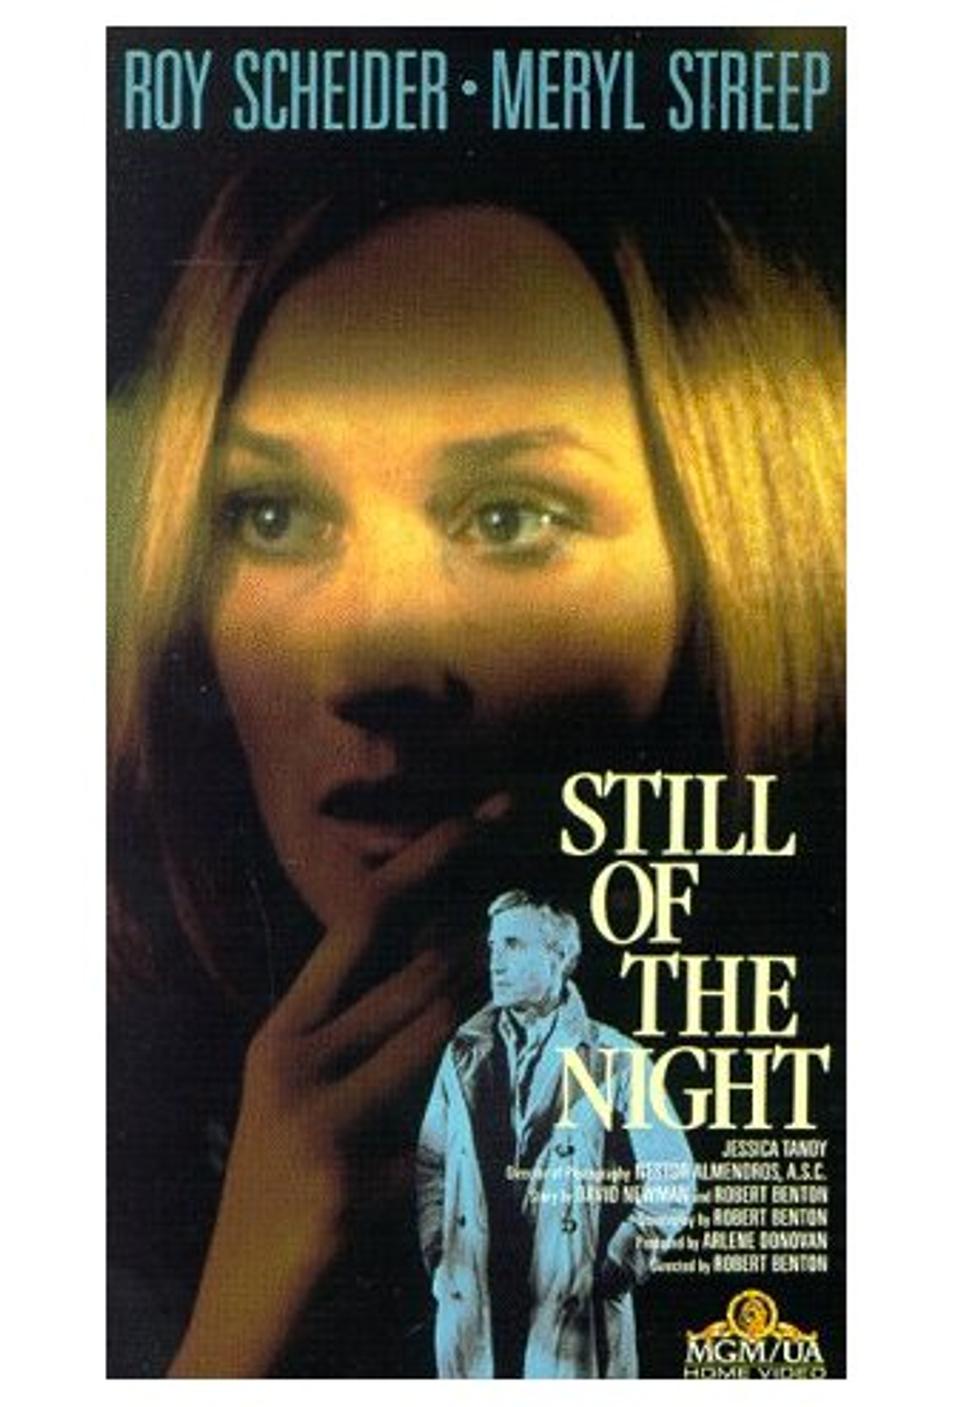 10 Bad Meryl Streep Movies